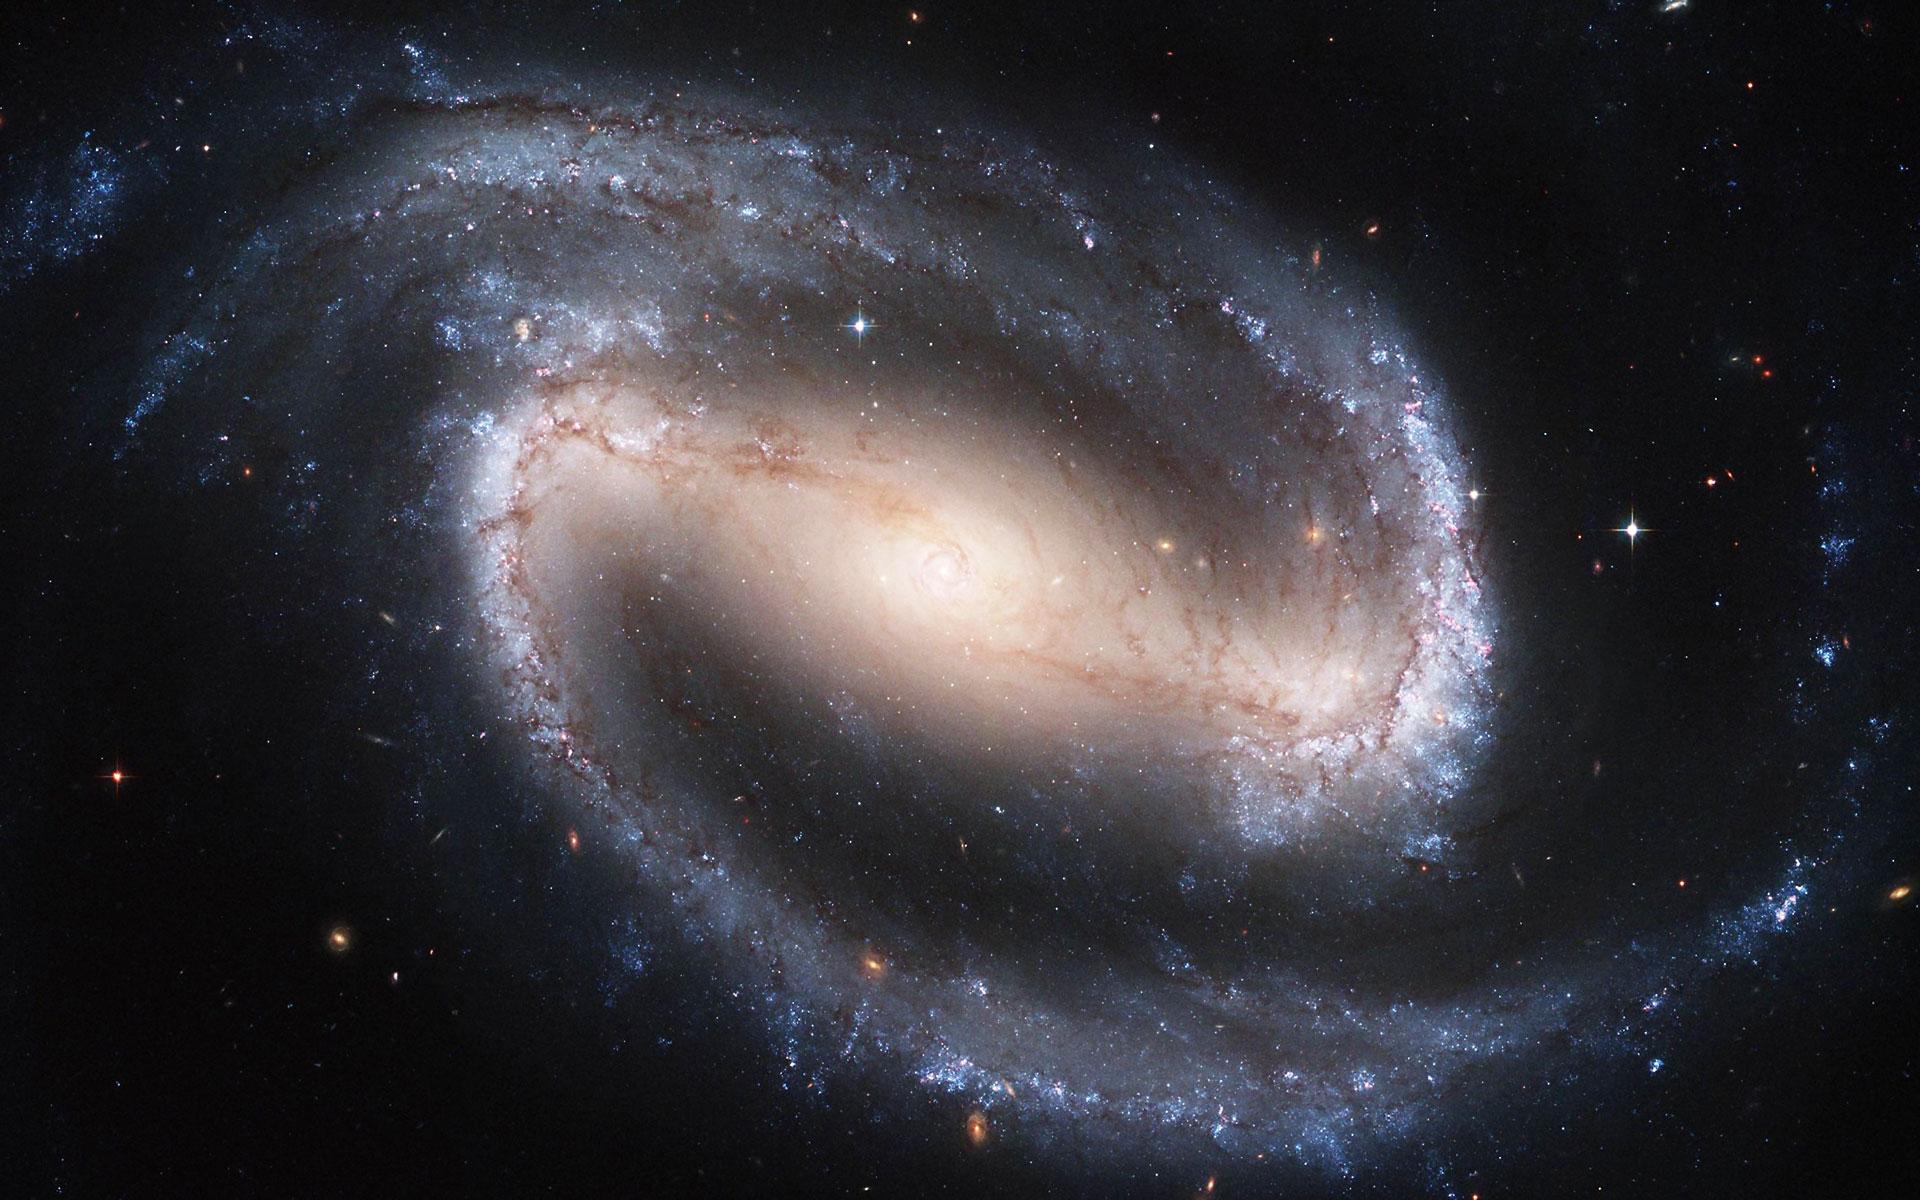 NASA - Spiral Galaxy NGC 1300